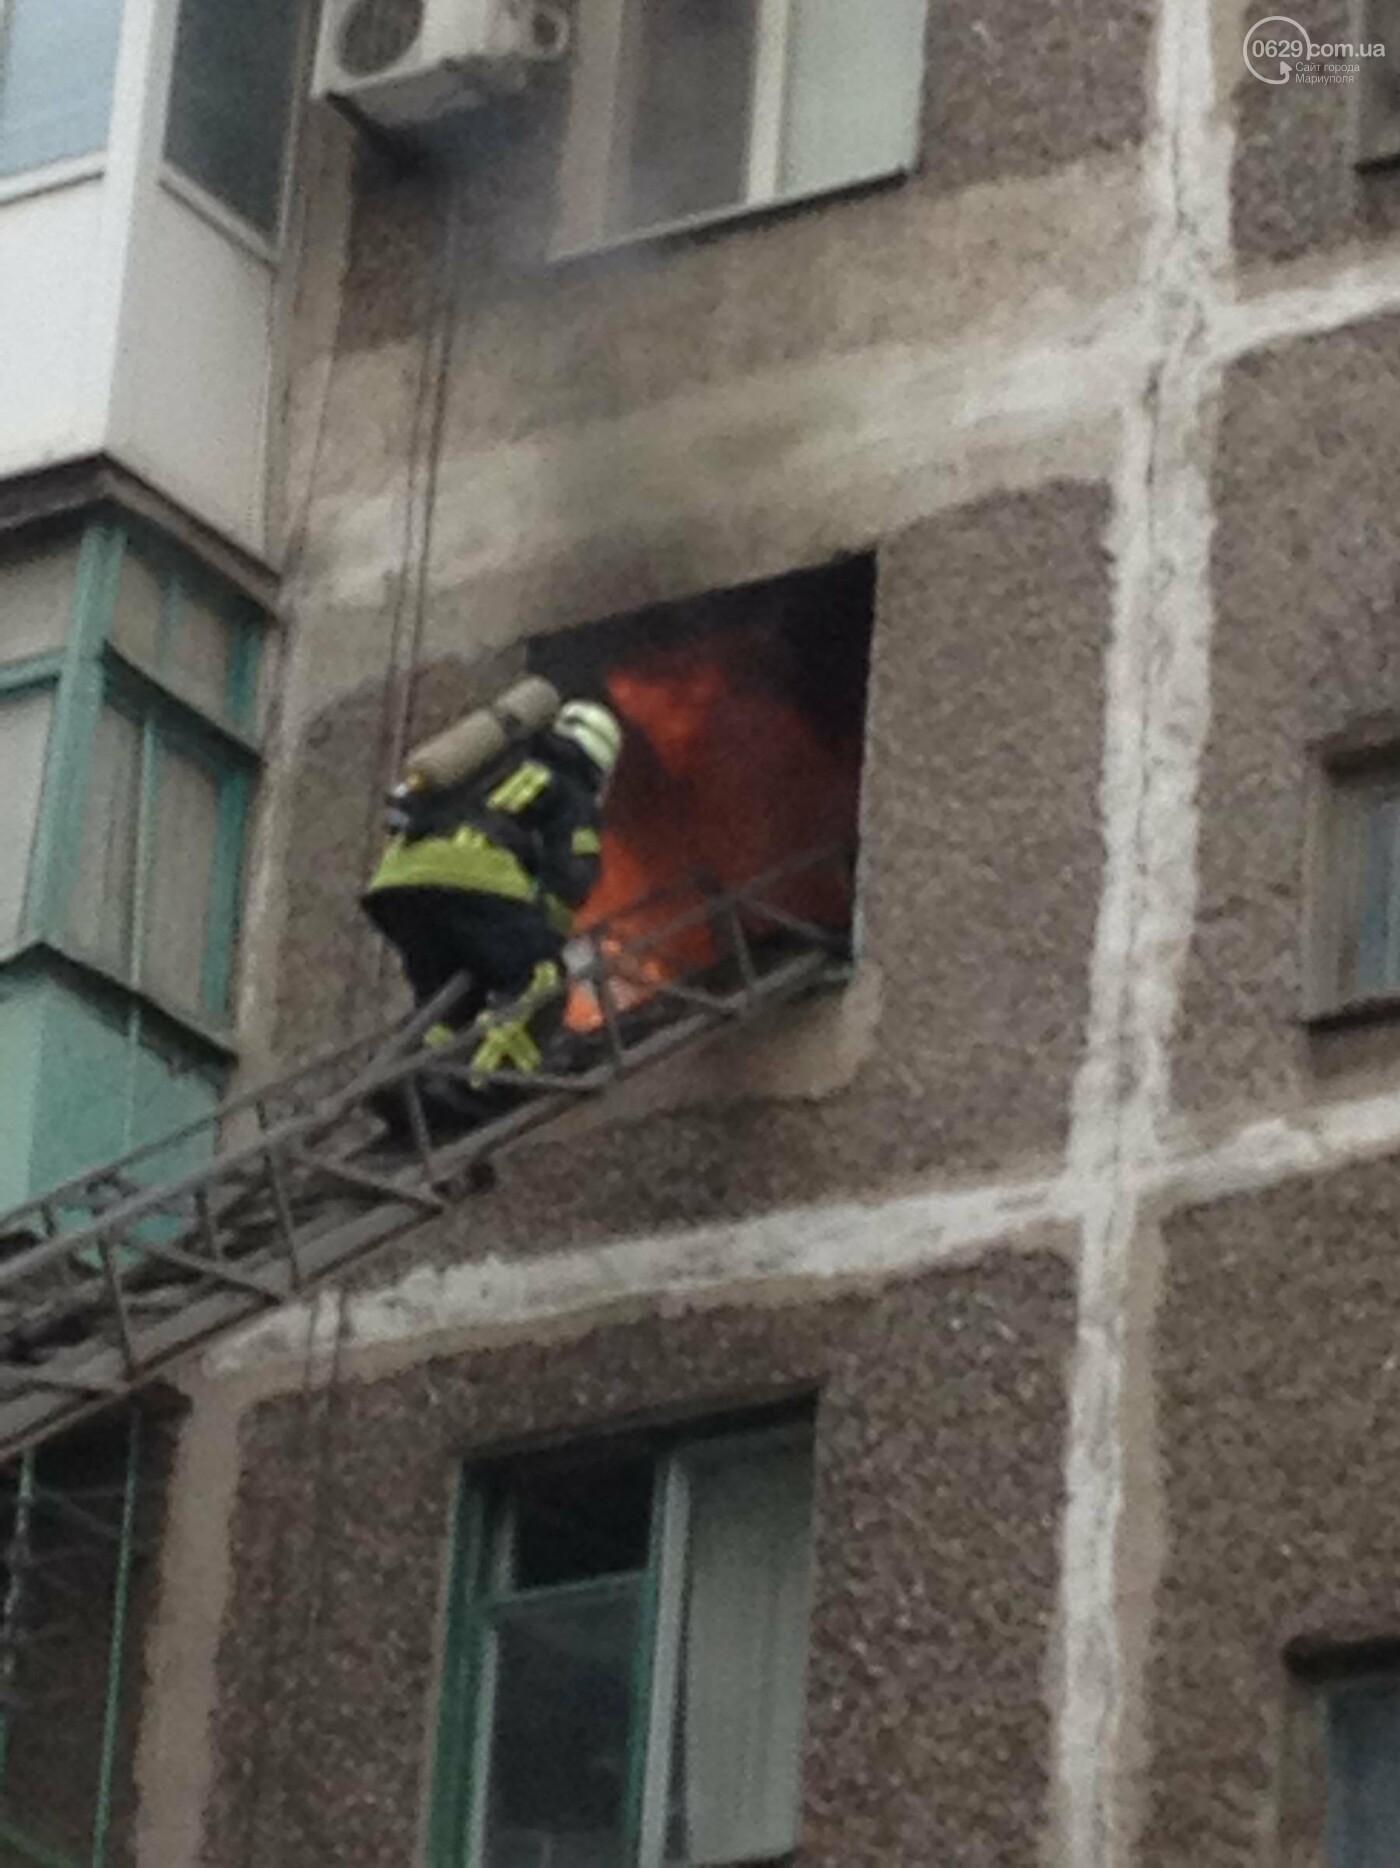 В Мариуполе сгорела однокомнатная квартира, - ФОТО, фото-1